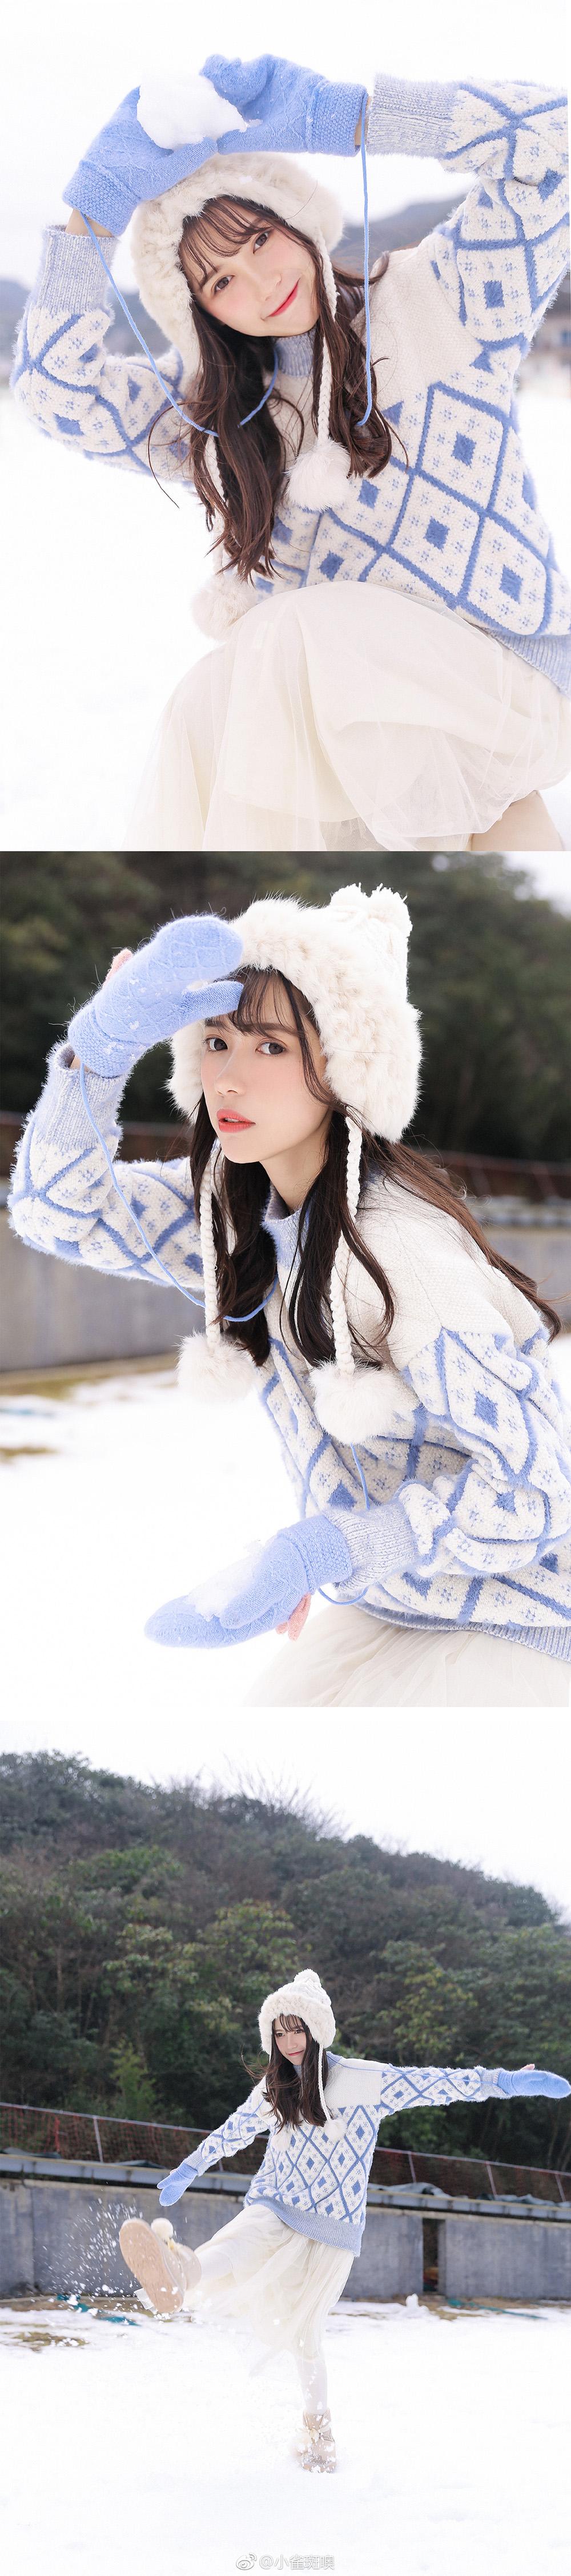 这个冬天 想和你一起去看雪插图7